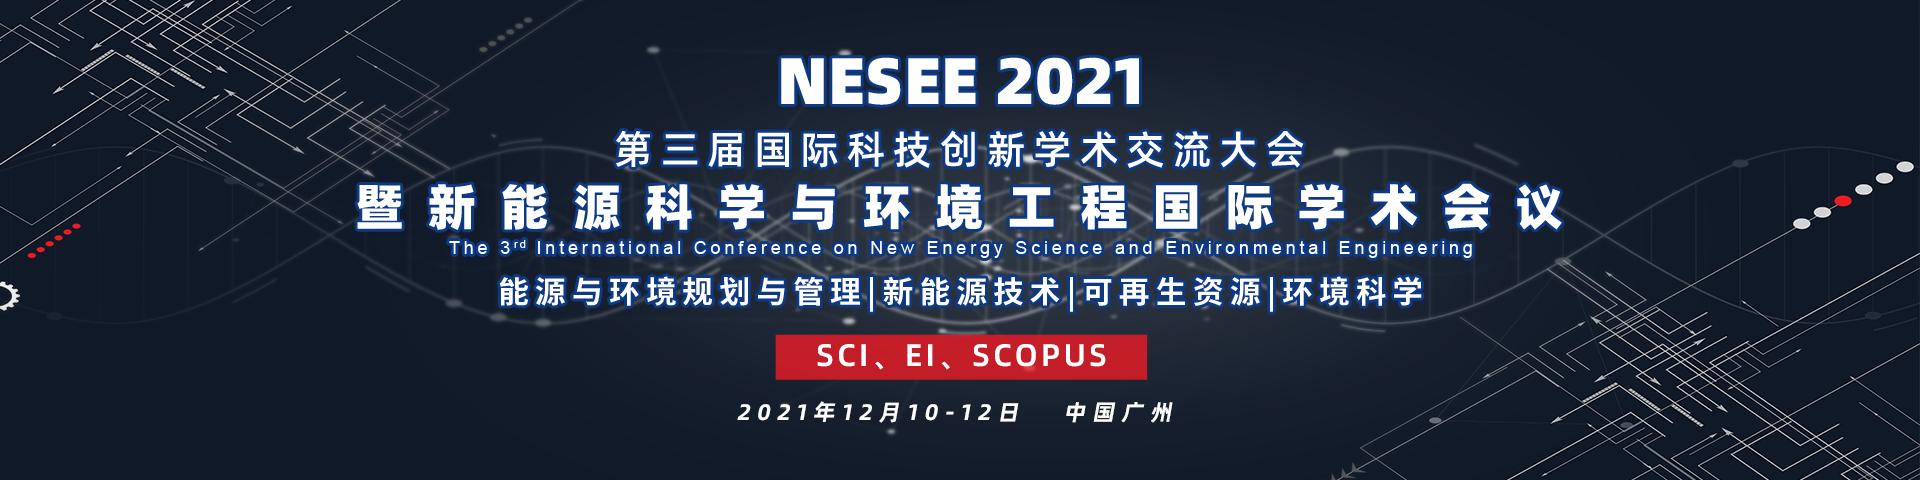 12月广州NESEE2021-banner-何霞丽-20210312.jpg